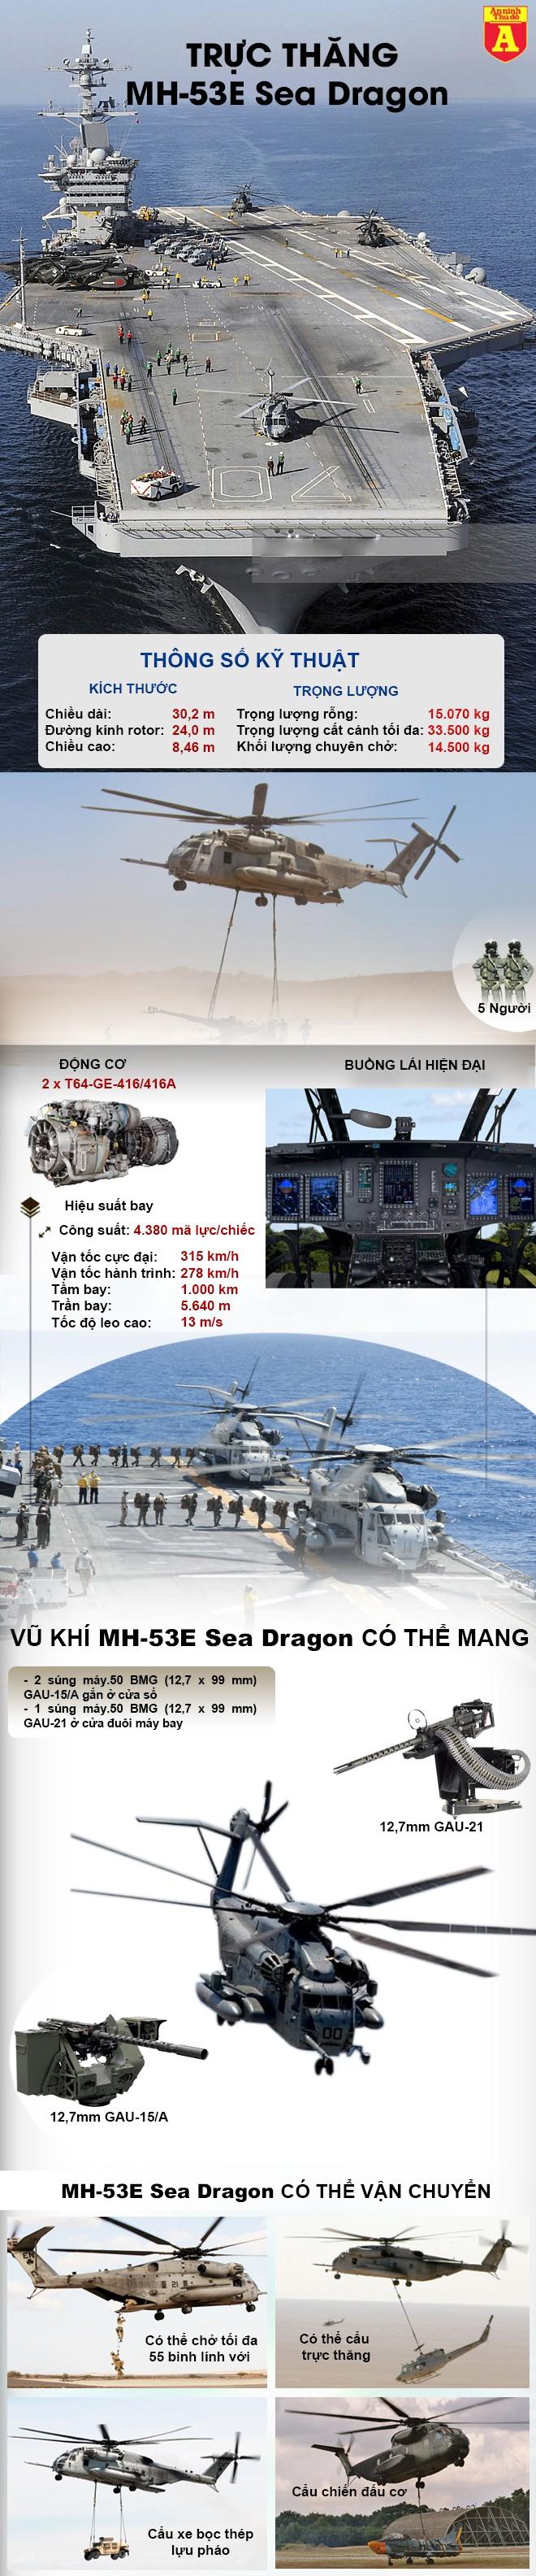 """[Infographic] """"Rồng biển"""" MH-53E của hải quân Mỹ tới Việt Nam ảnh 2"""